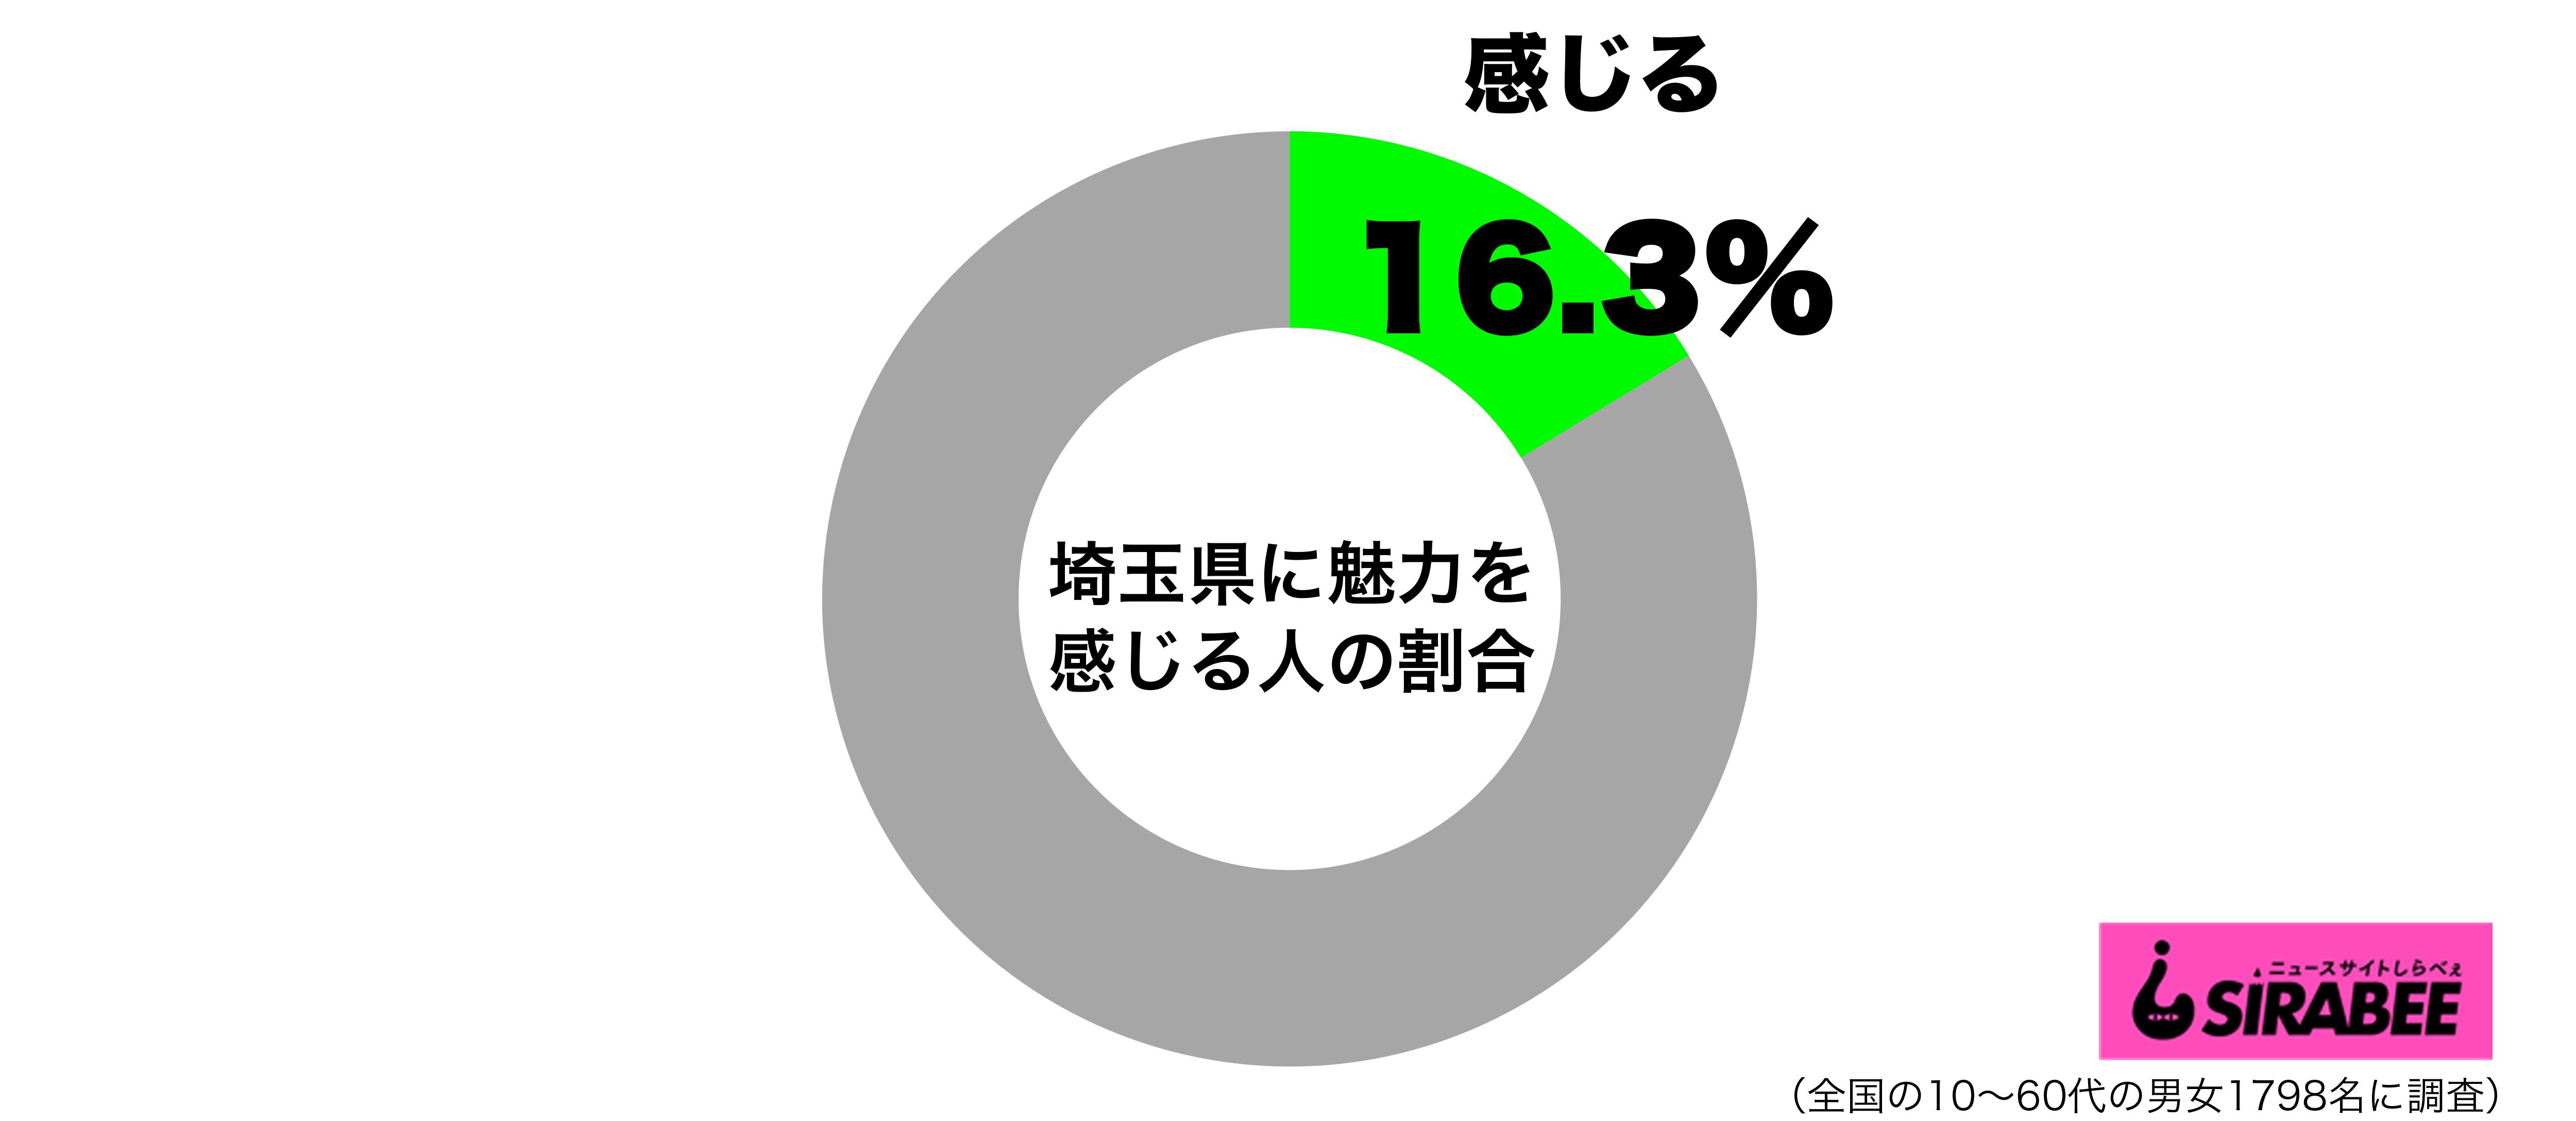 埼玉県に魅力を感じるグラフ